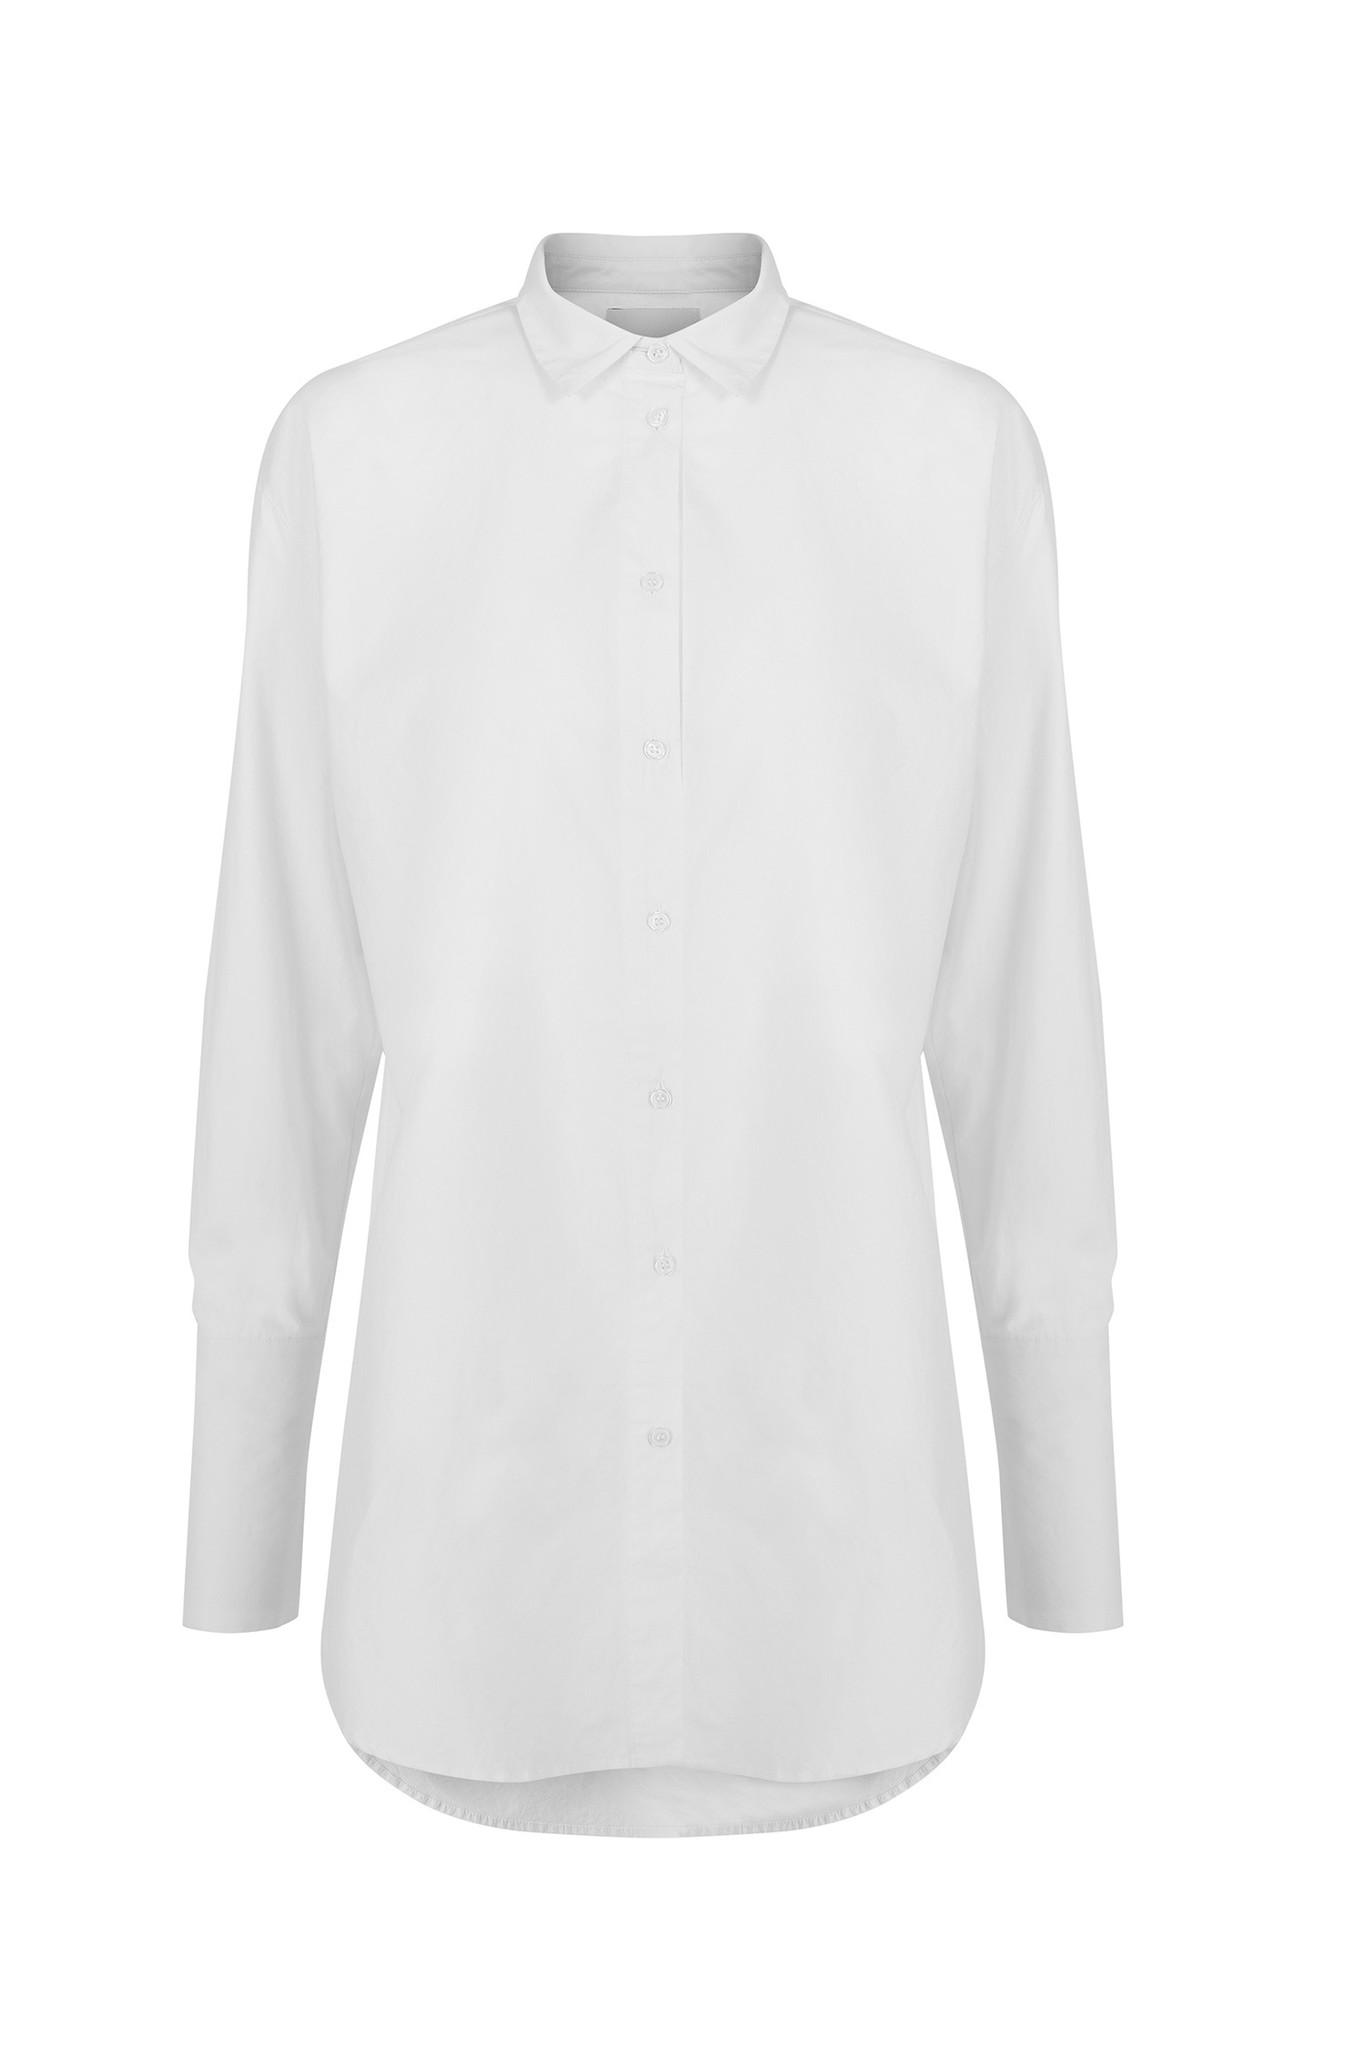 Nice Shirt - White XS-1